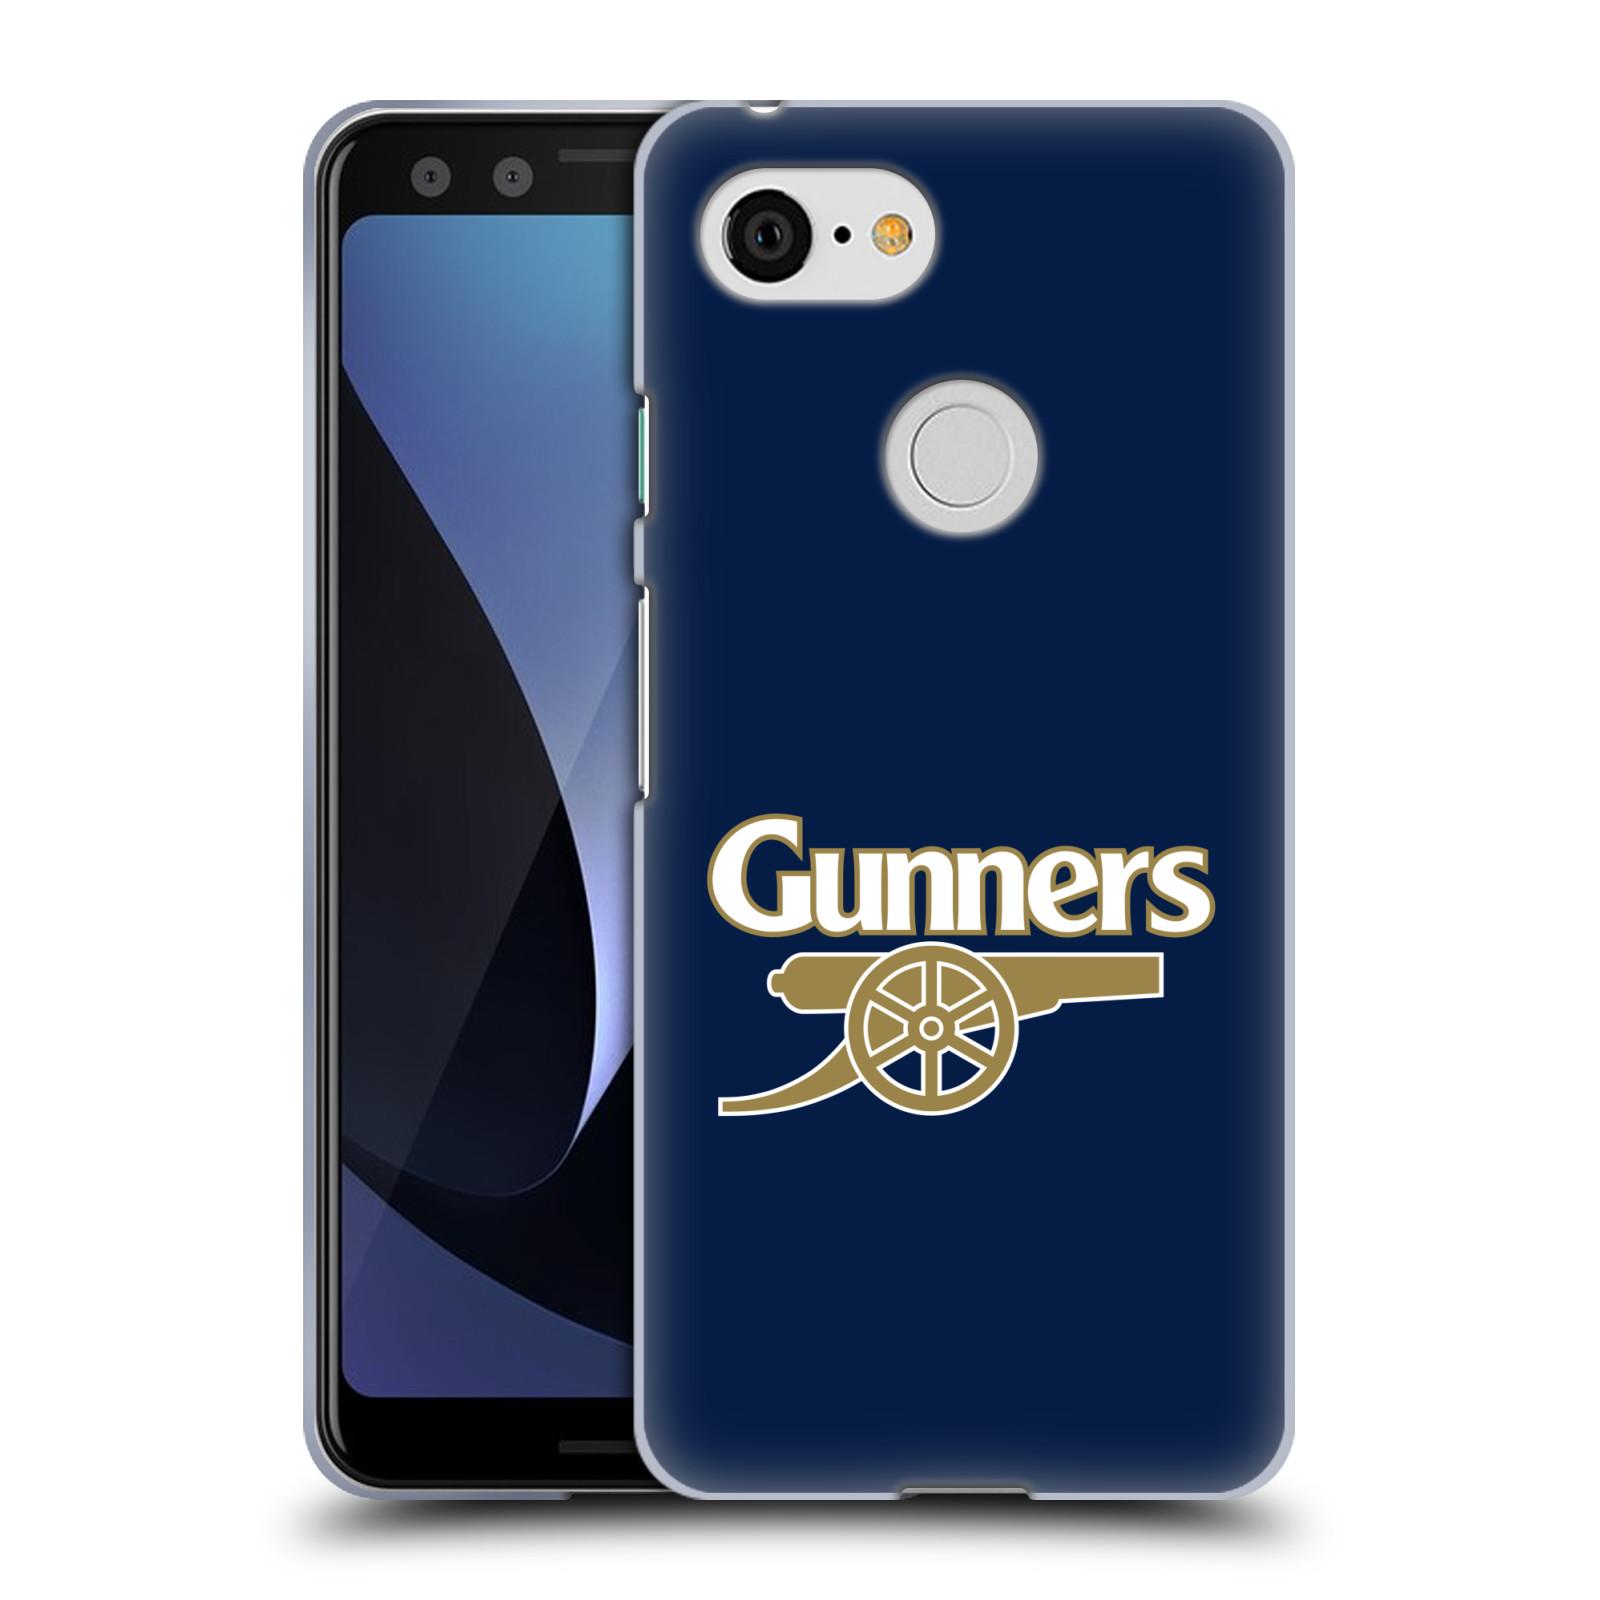 Silikonové pouzdro na mobil Google Pixel 3 - Head Case - Arsenal FC - Gunners